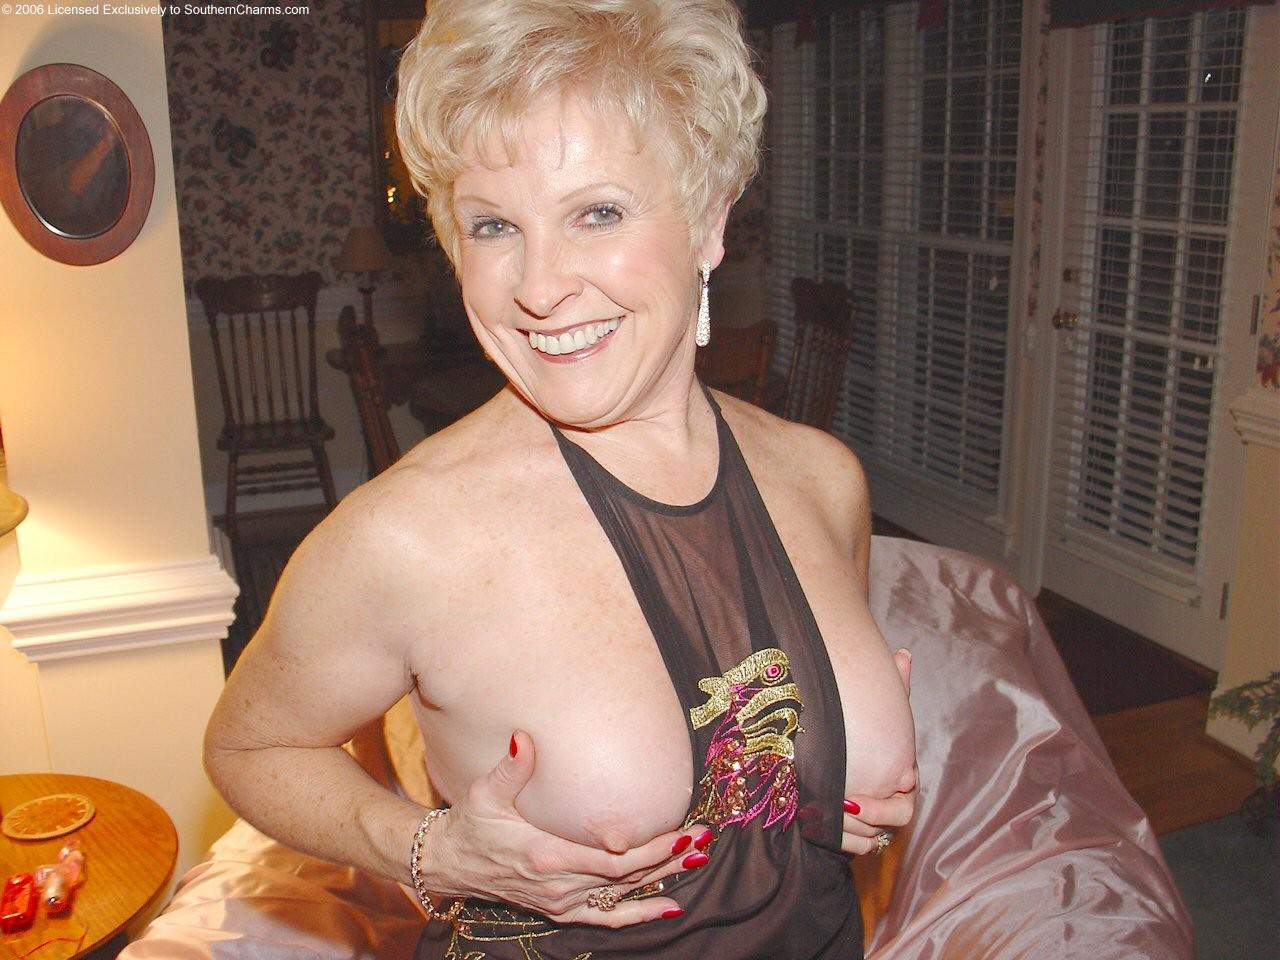 Big fake tits skinny anal